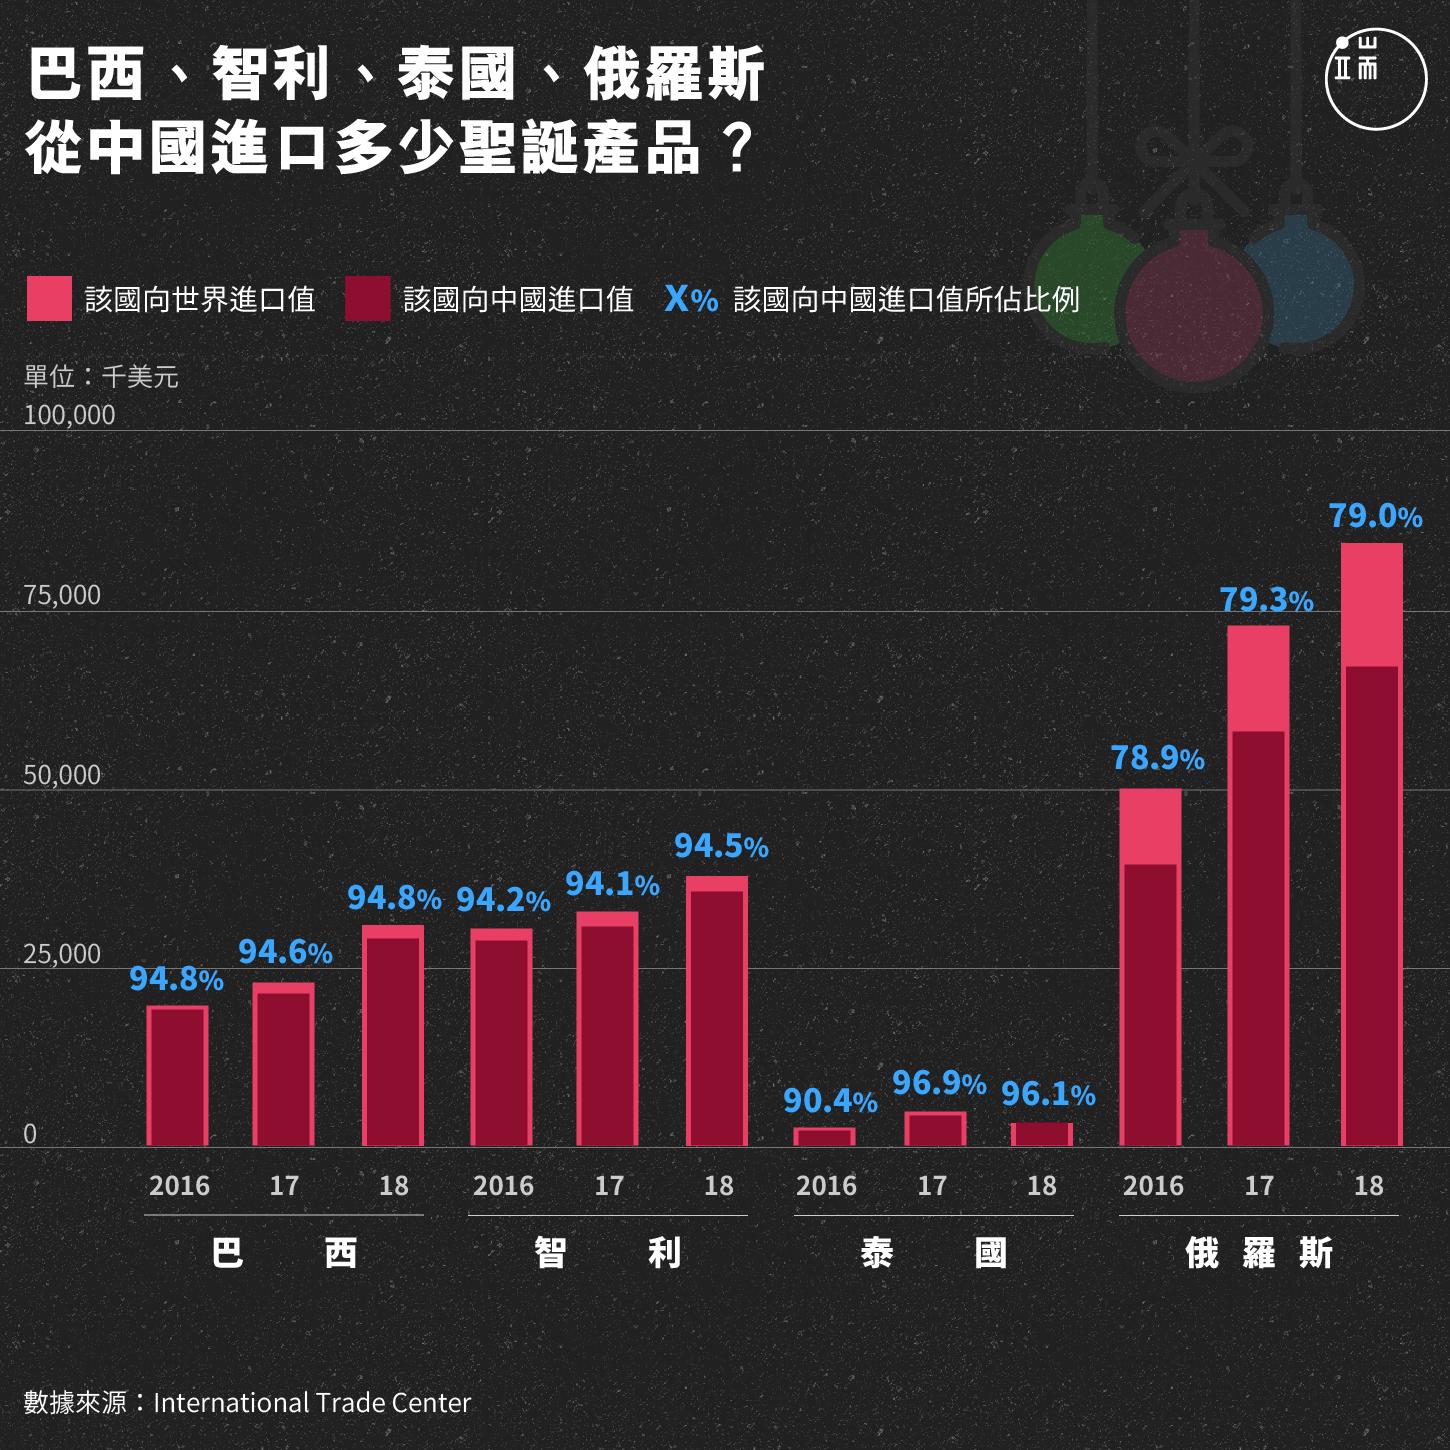 巴西、智利、泰國、俄羅斯從中國進口多少聖誕產品?